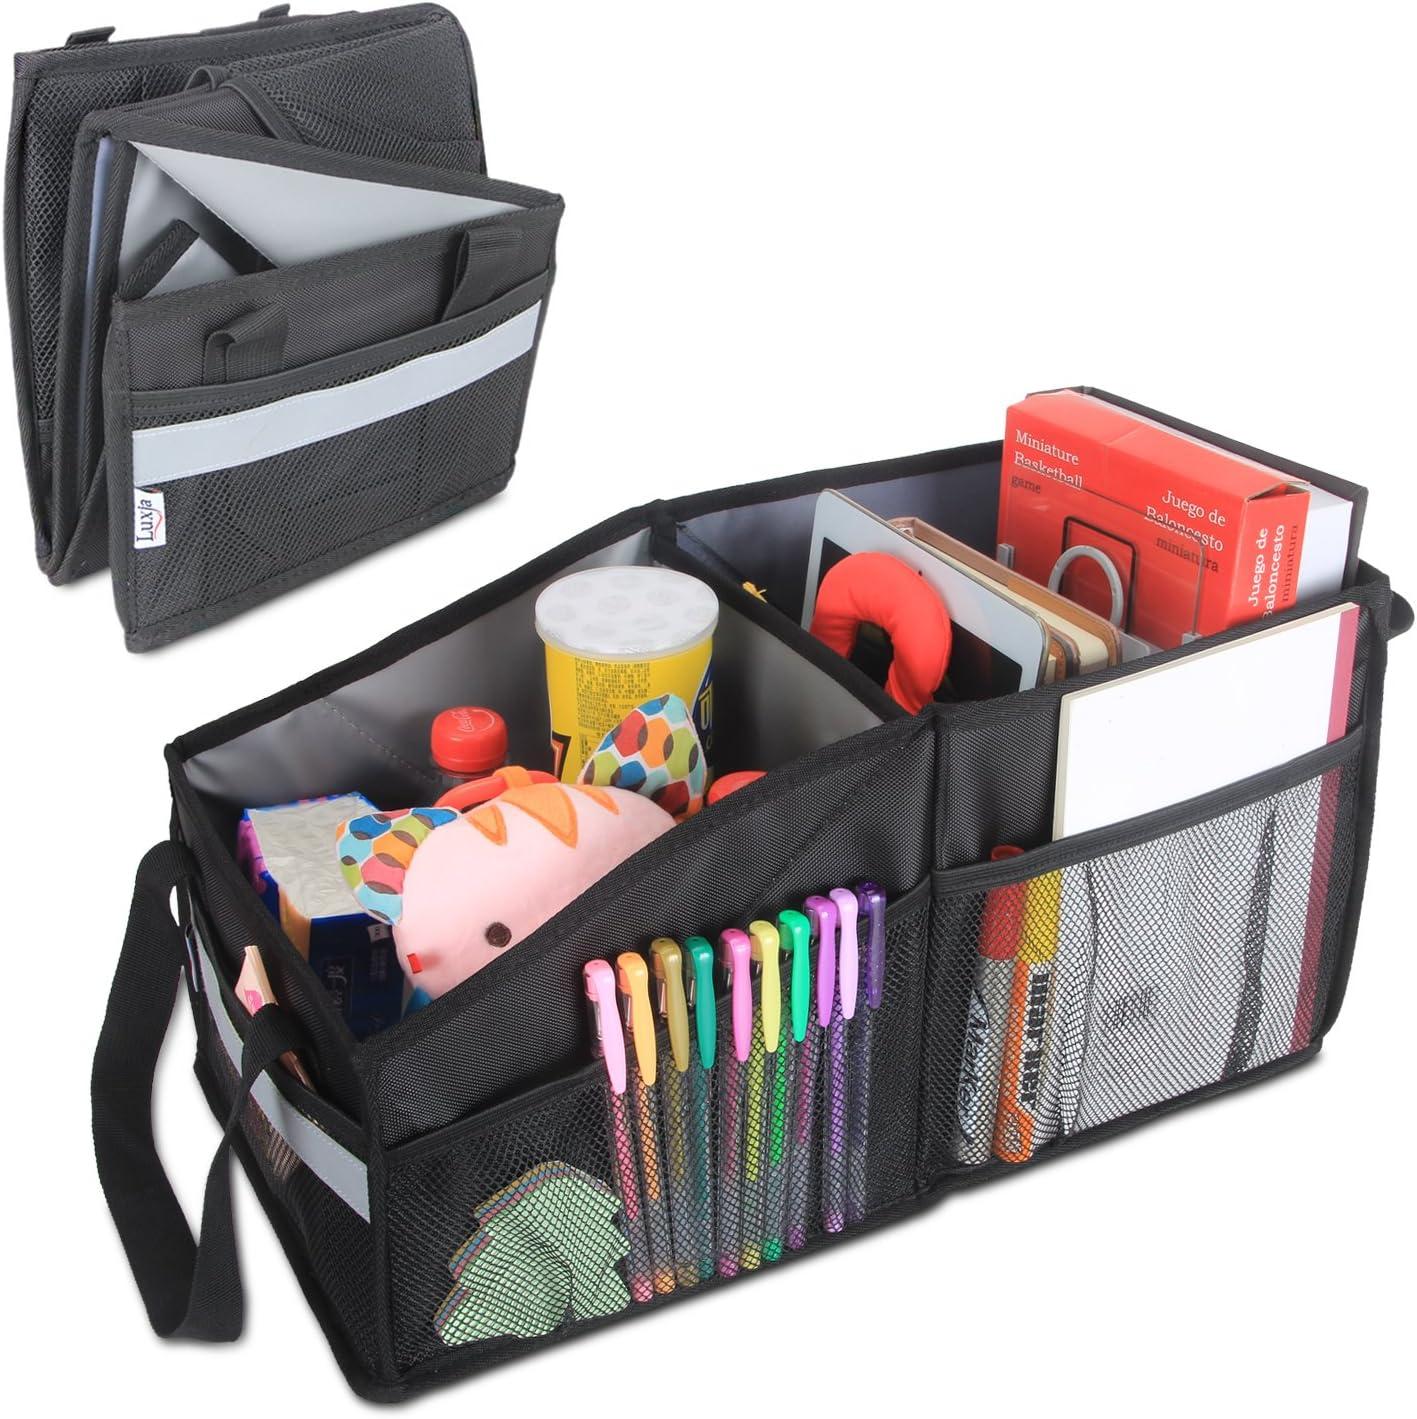 Luxja Kofferraumtasche Für Auto Tasche Für Den Kofferraum Auto Kofferraumtasche Aufbewahrung Für Rücksitz Schwarz Auto